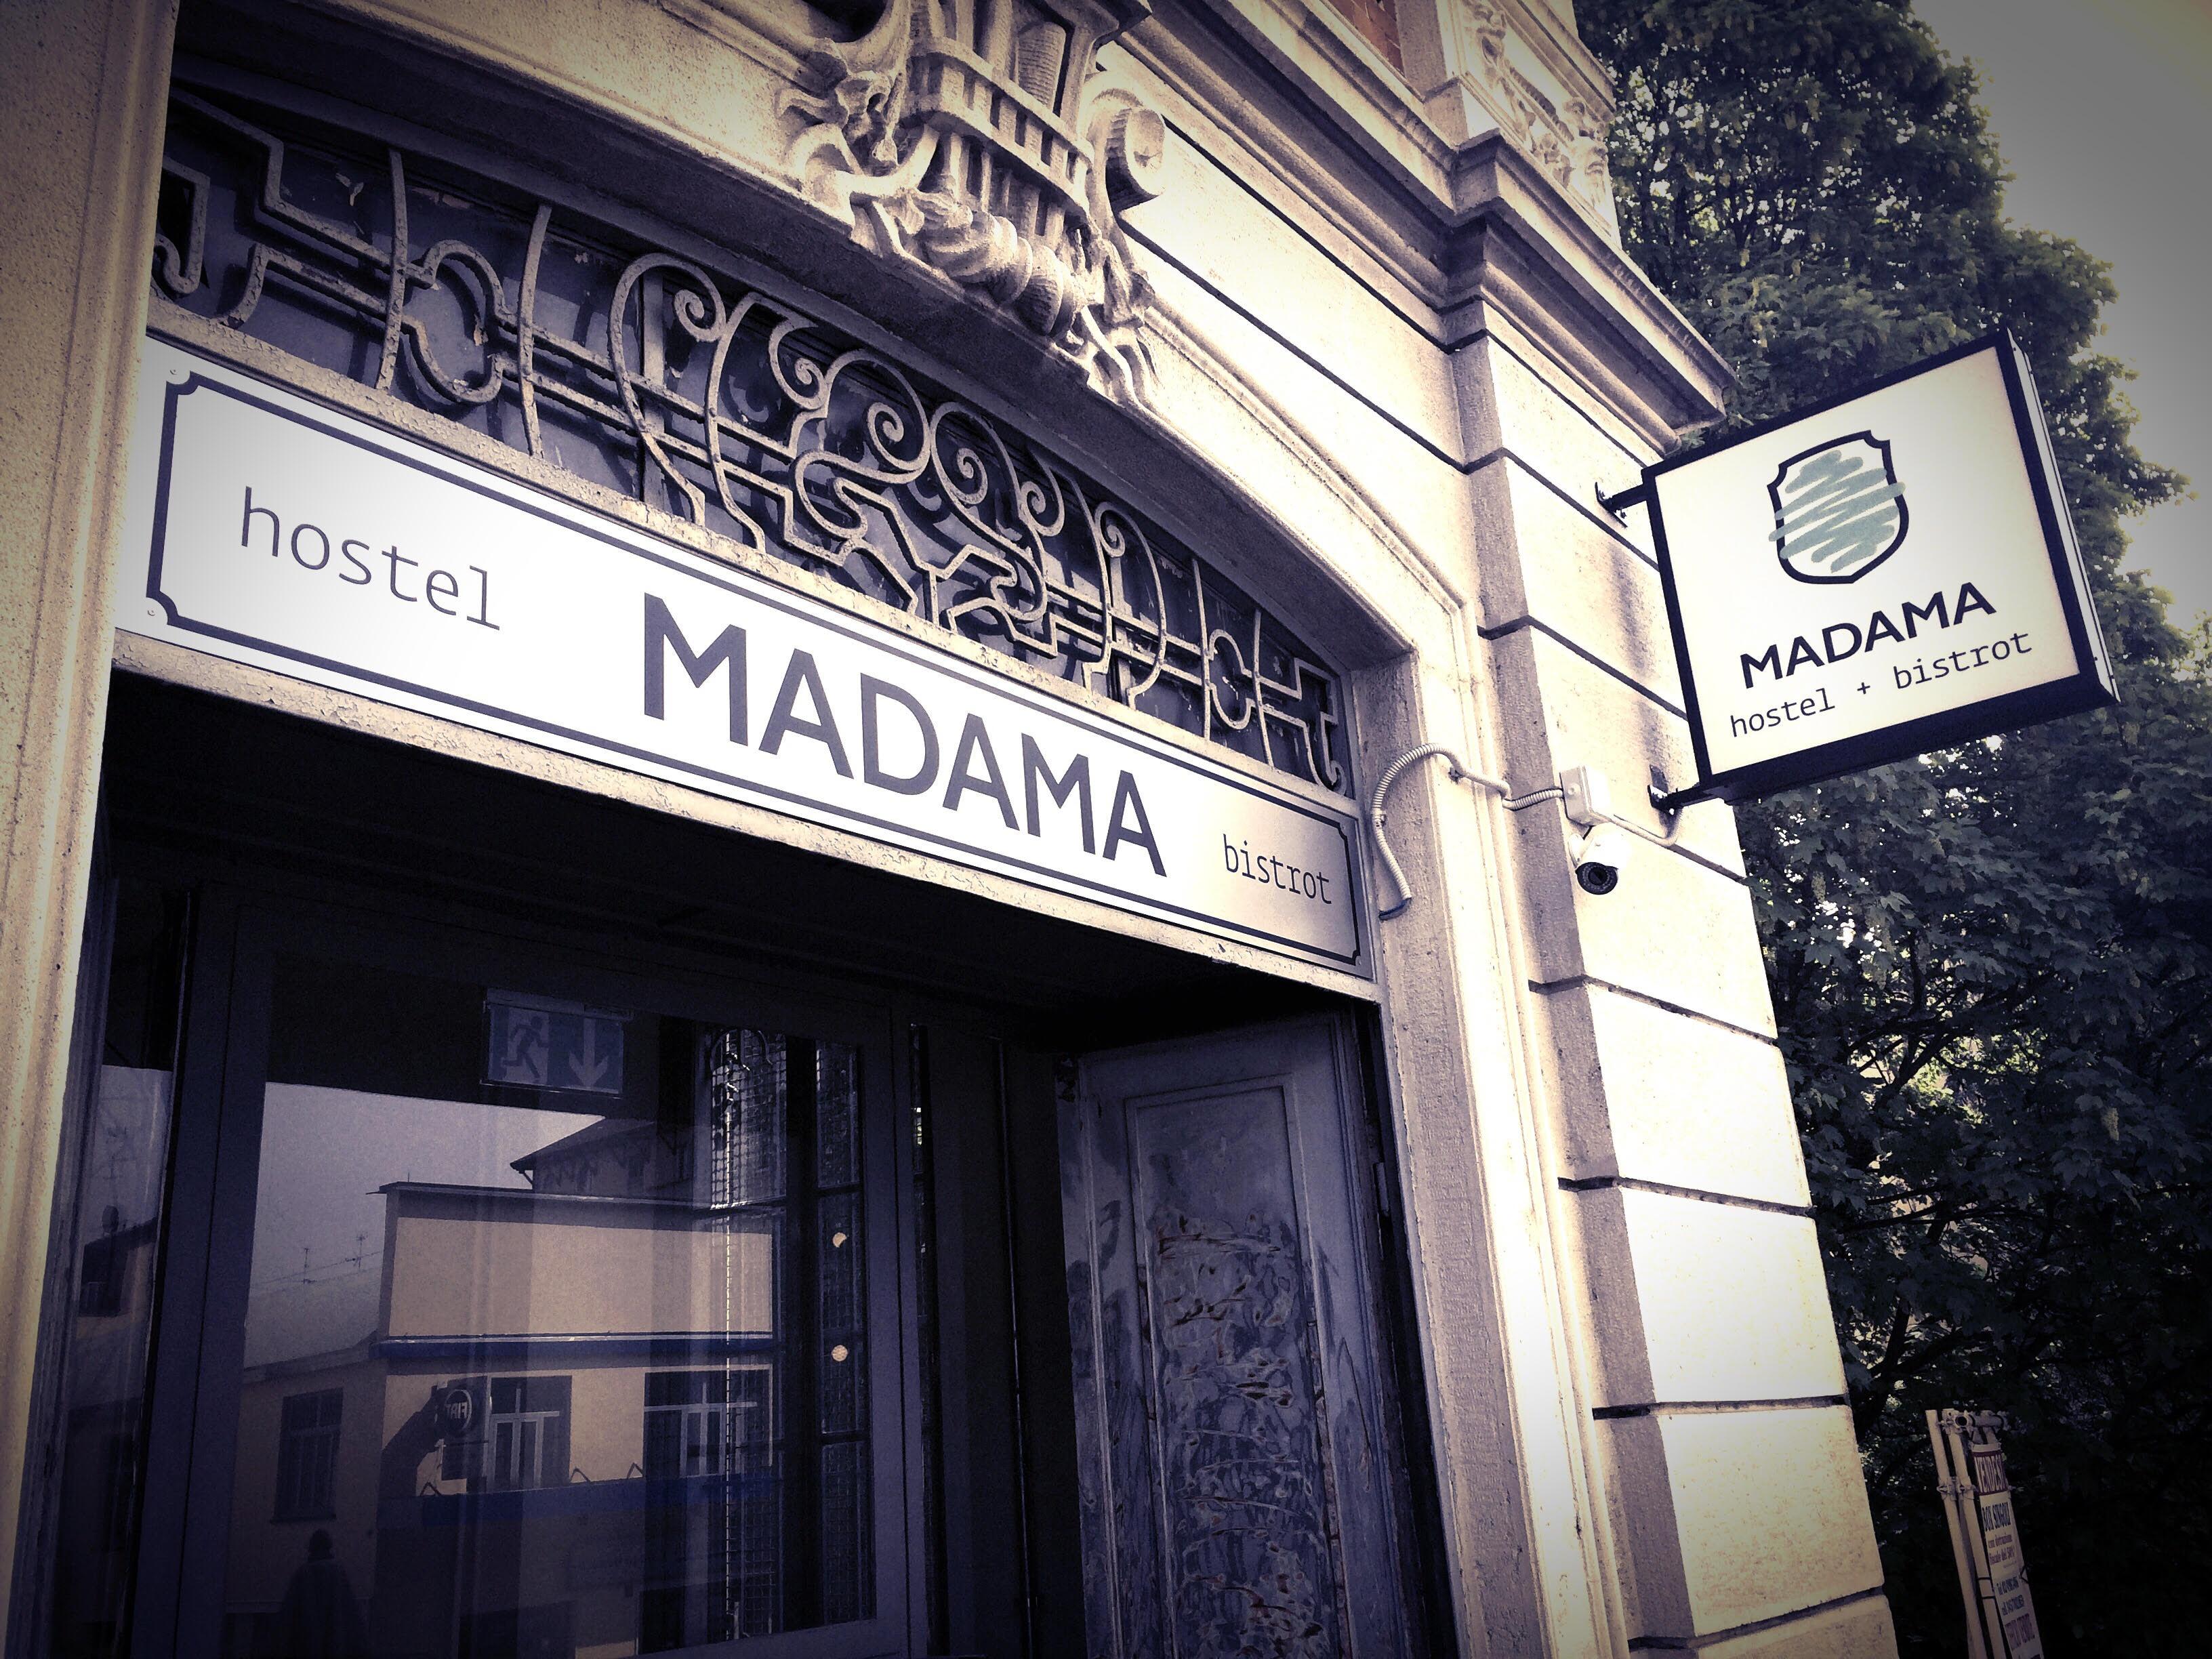 Madama Hostel